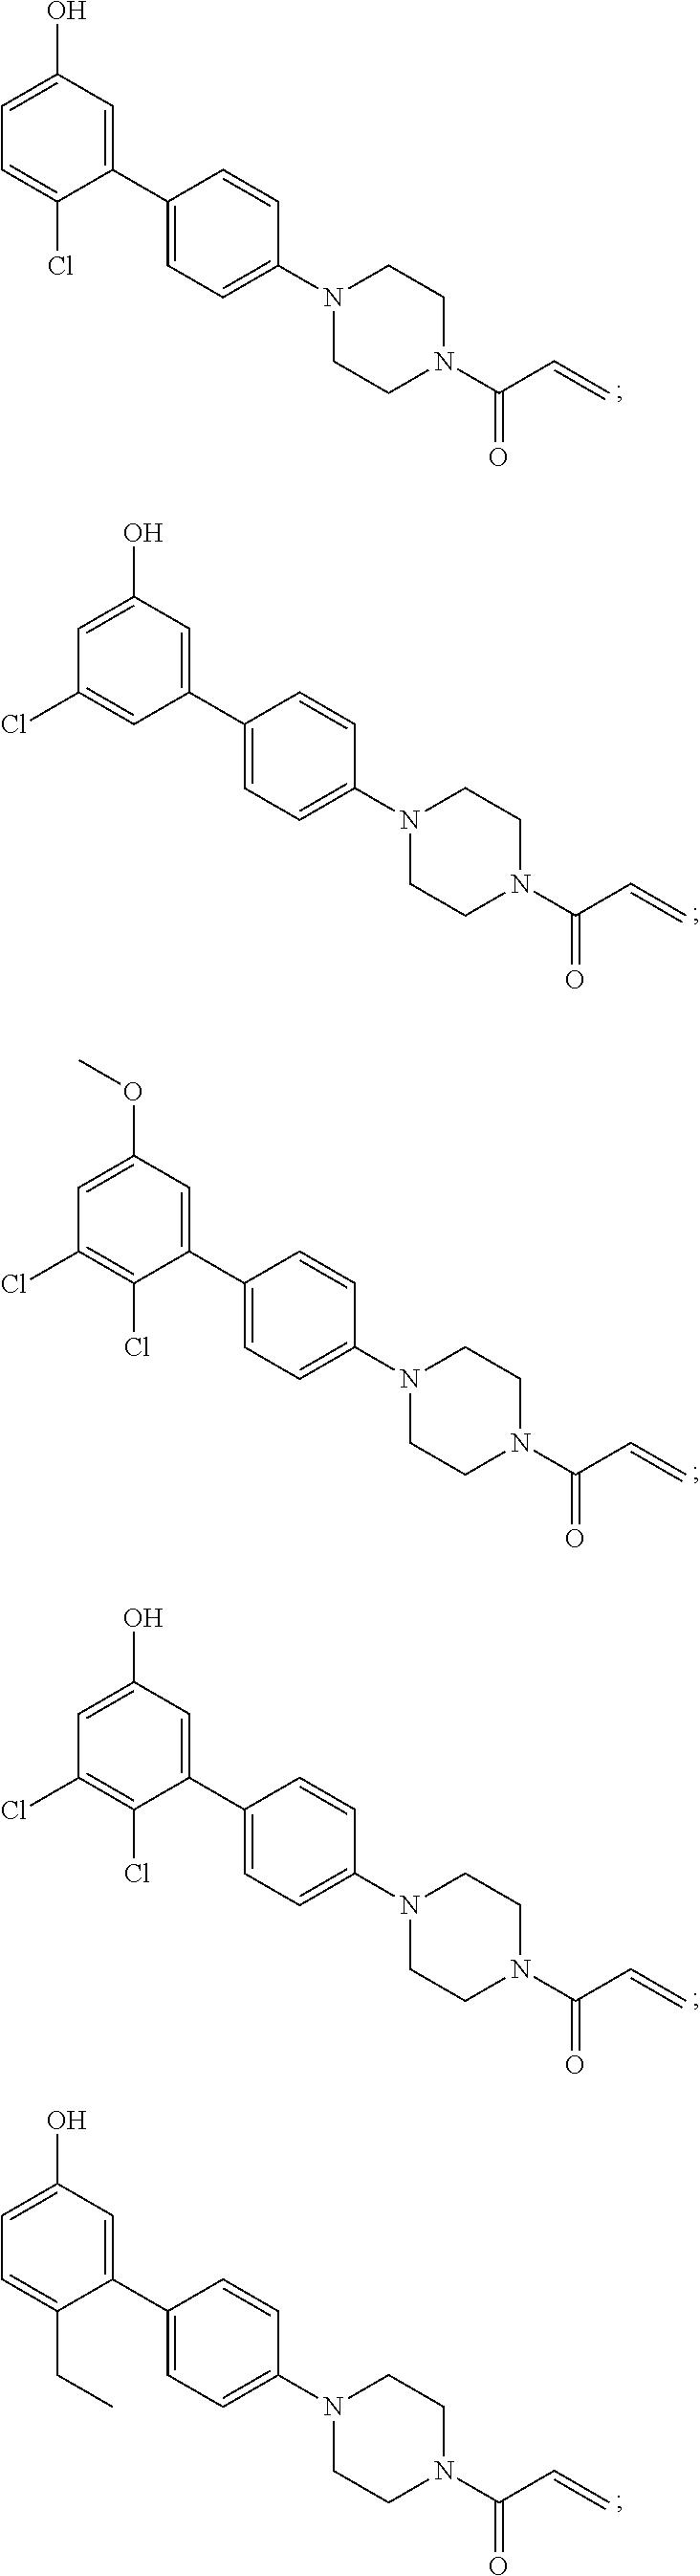 Figure US09862701-20180109-C00062